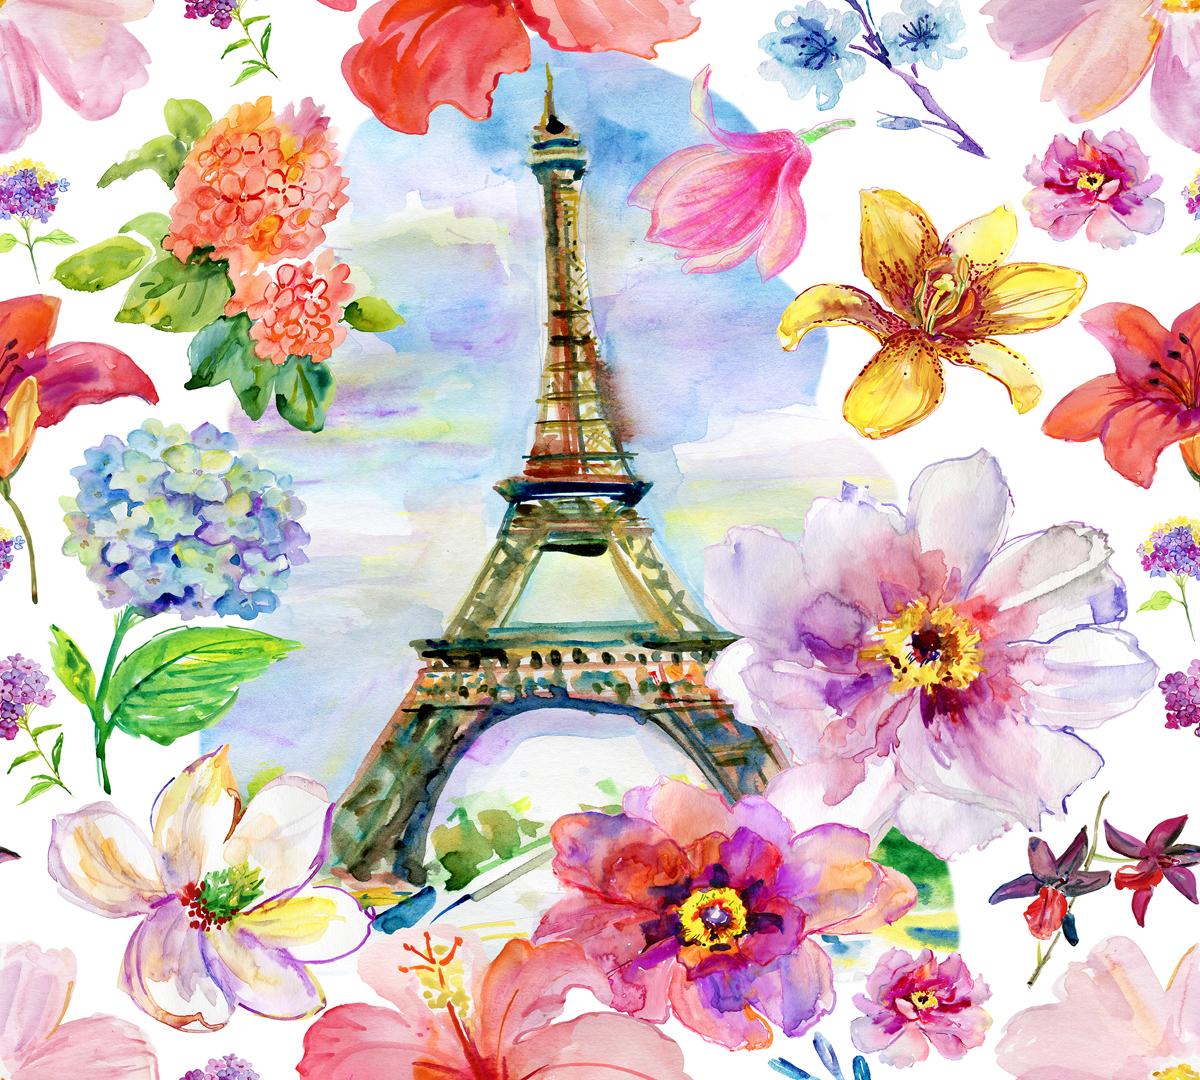 Фотообои Barton Wallpapers Цветы, 300 x 270 см. F10303F10303Флизелиновые фотообои Barton Wallpapers Цветы. Превосходное цифровое качество изображения, экологичные, износостойкие, не пахнут, стойки к выцветанию, просты в поклейке. Каждому человеку хочется внести индивидуальности в свой интерьер и сделать его уютней. Английские обои Barton Wallpapers сделают это лучше всего!